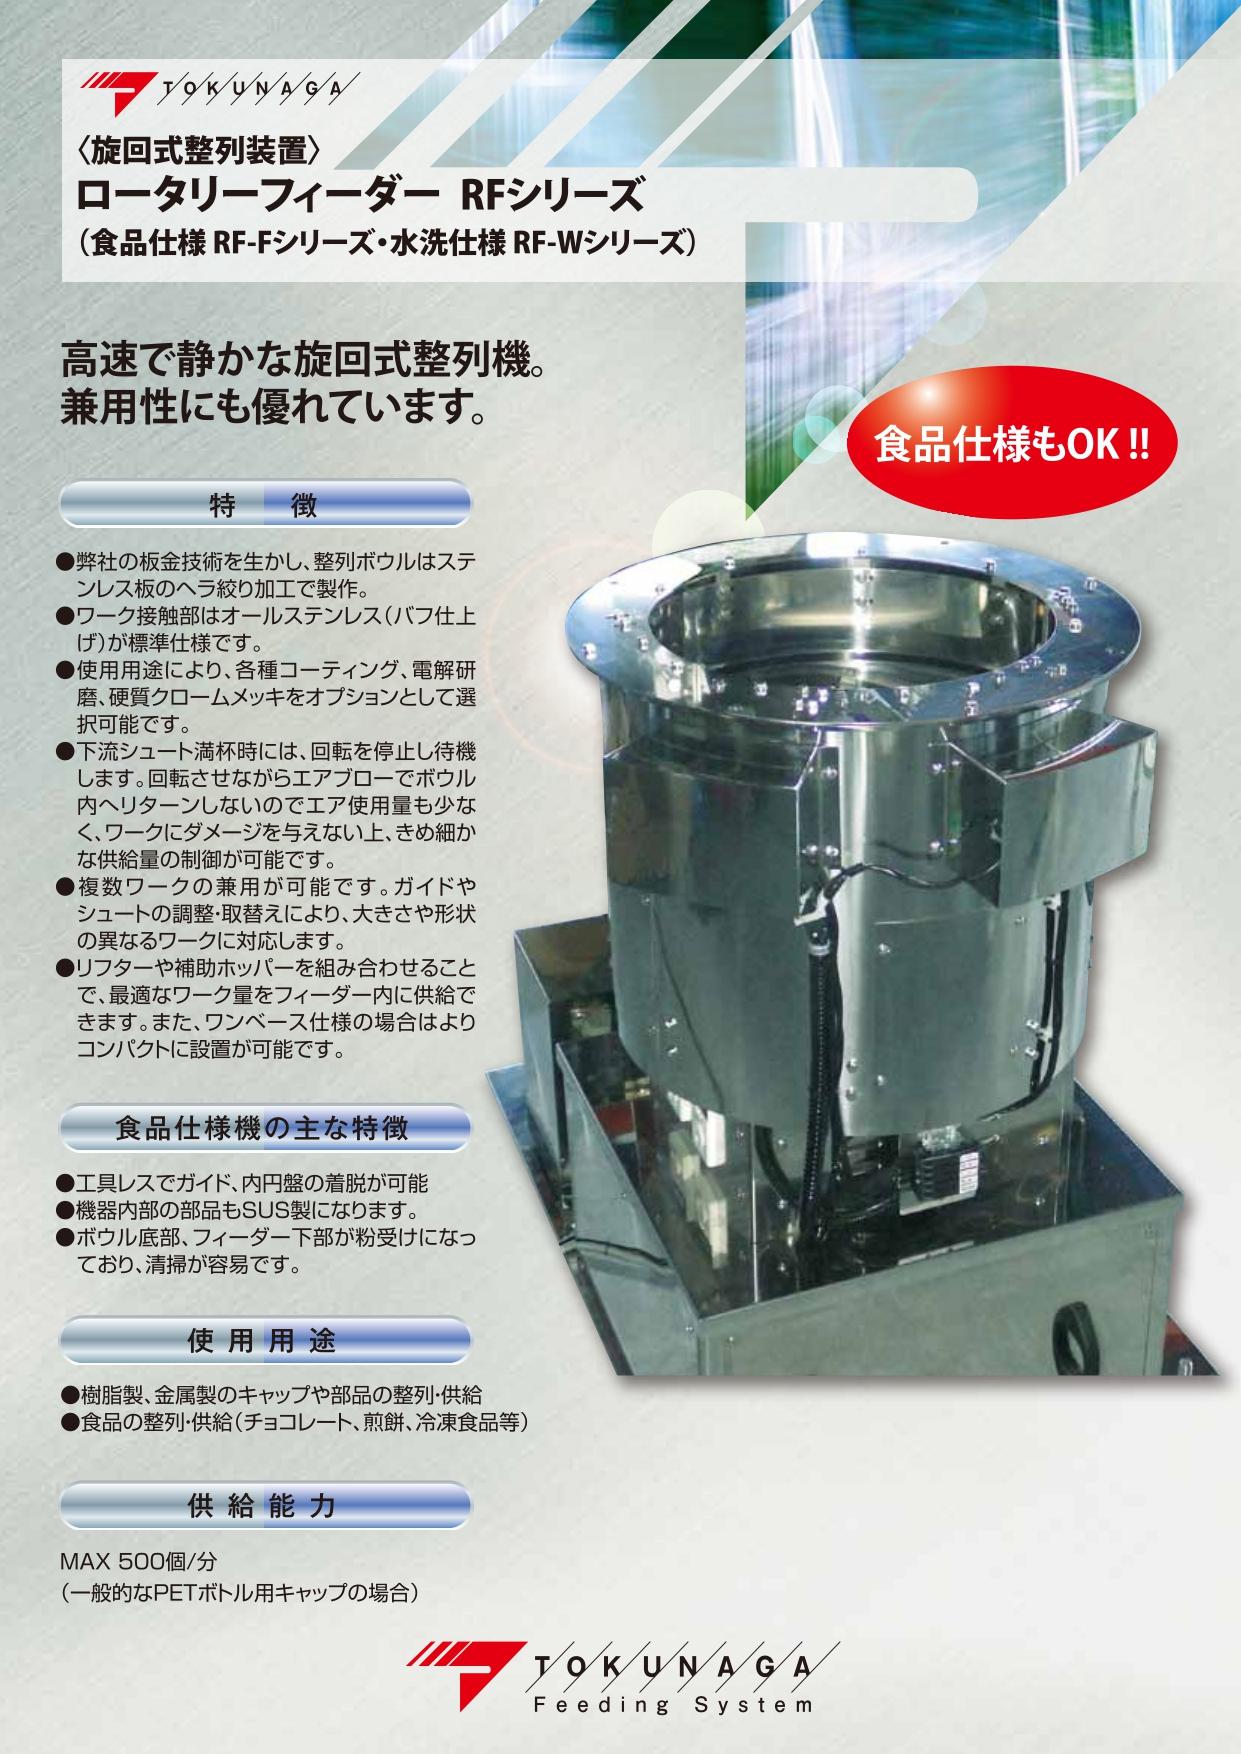 整列装置『ロータリーフィーダー RFシリーズ』